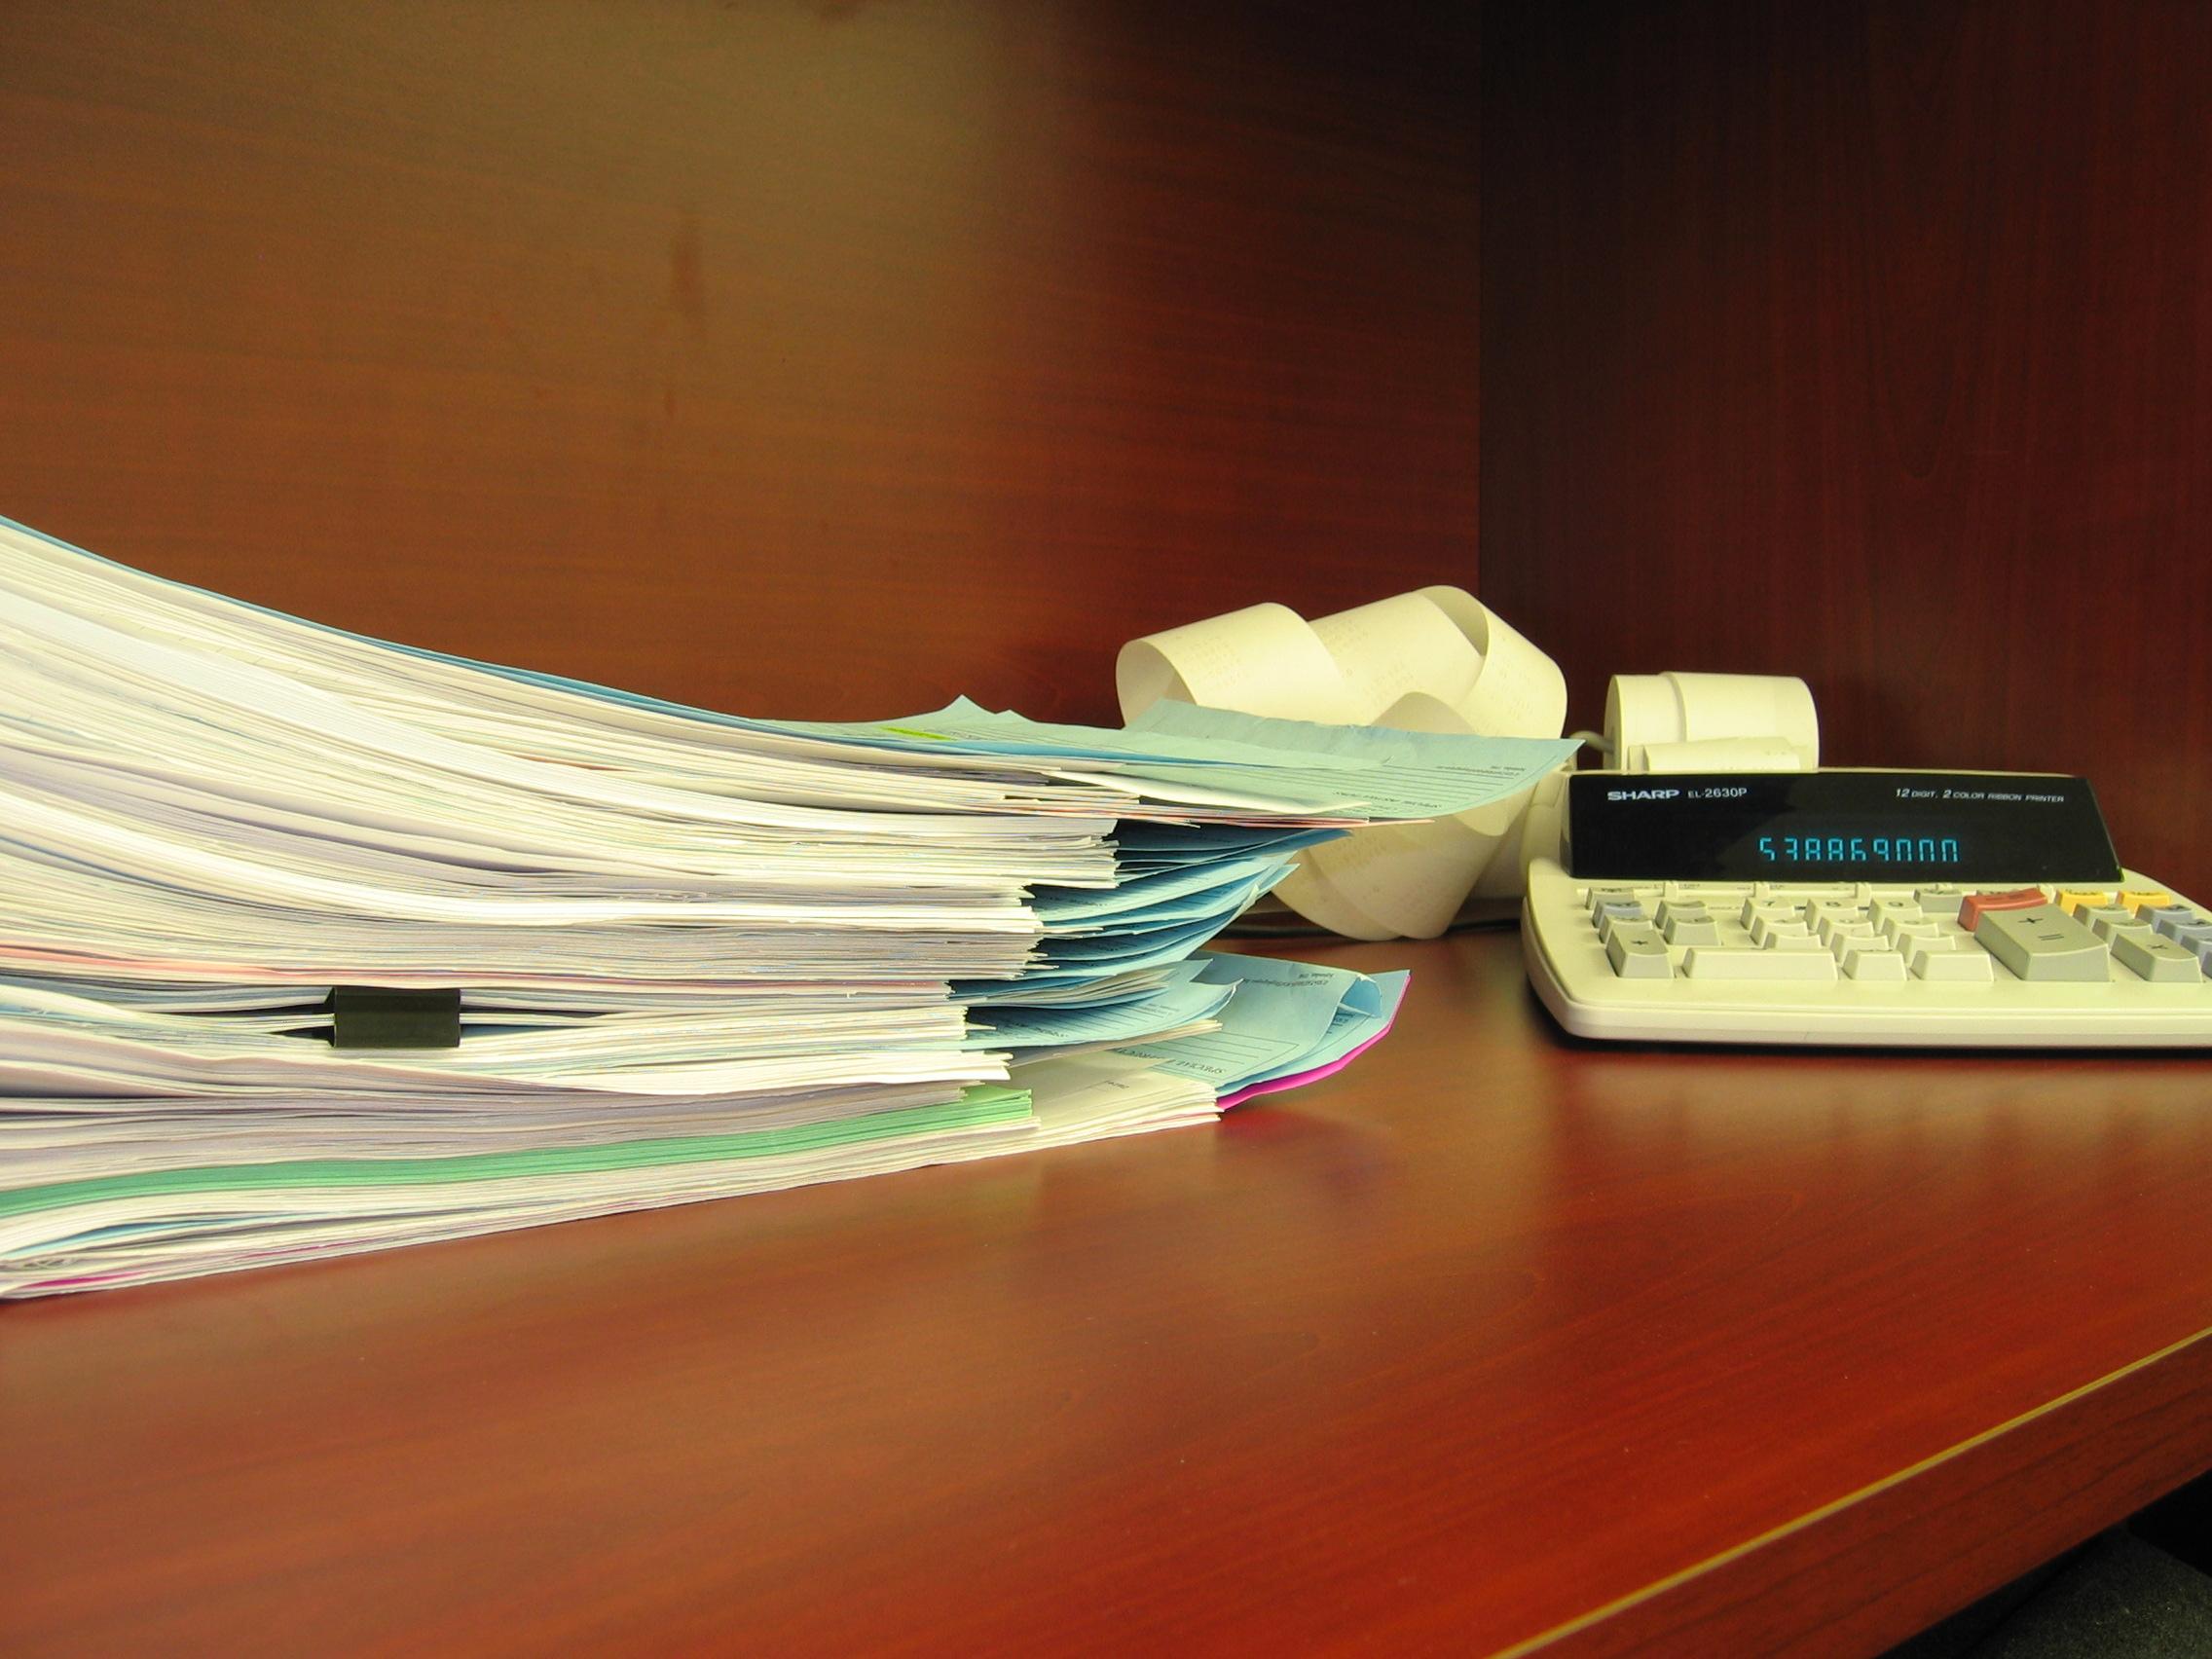 adózás, alanyi adómentesség, értékhatár, határidő, Írisz Office